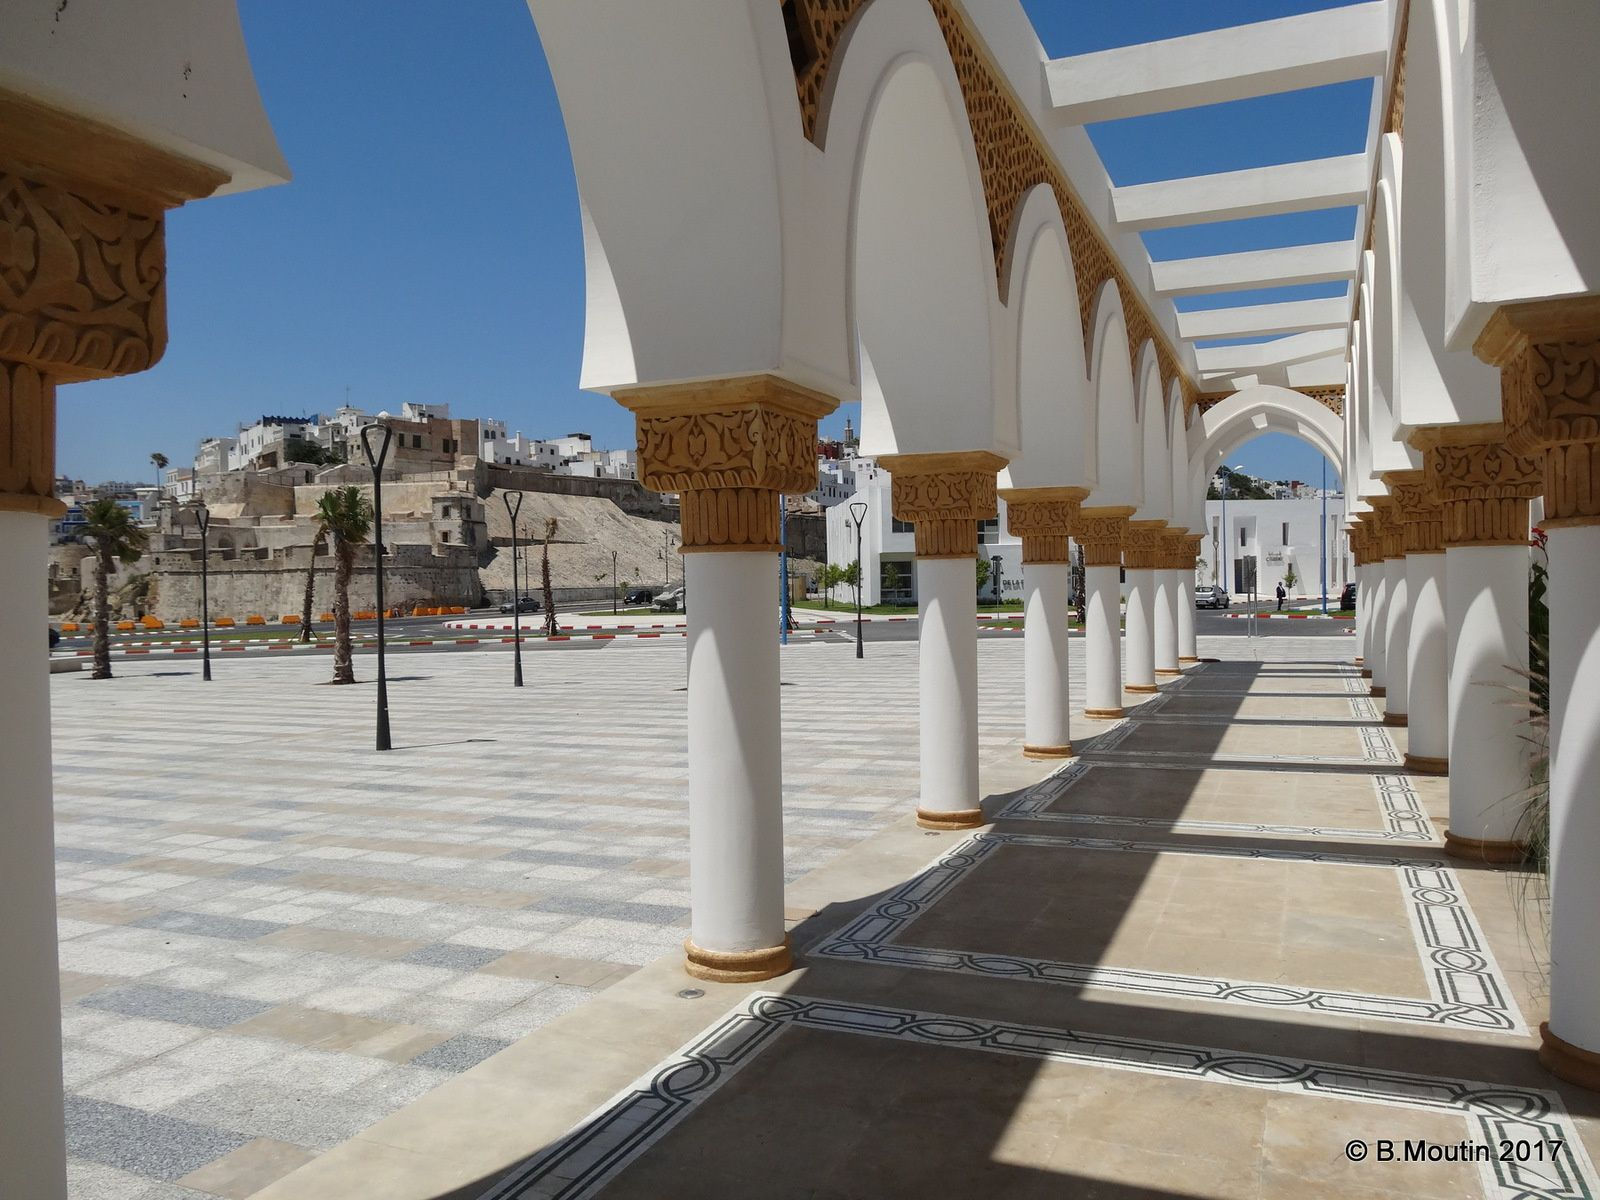 La nouvelle mosquée du Port de Tanger (5 images à cliquer)